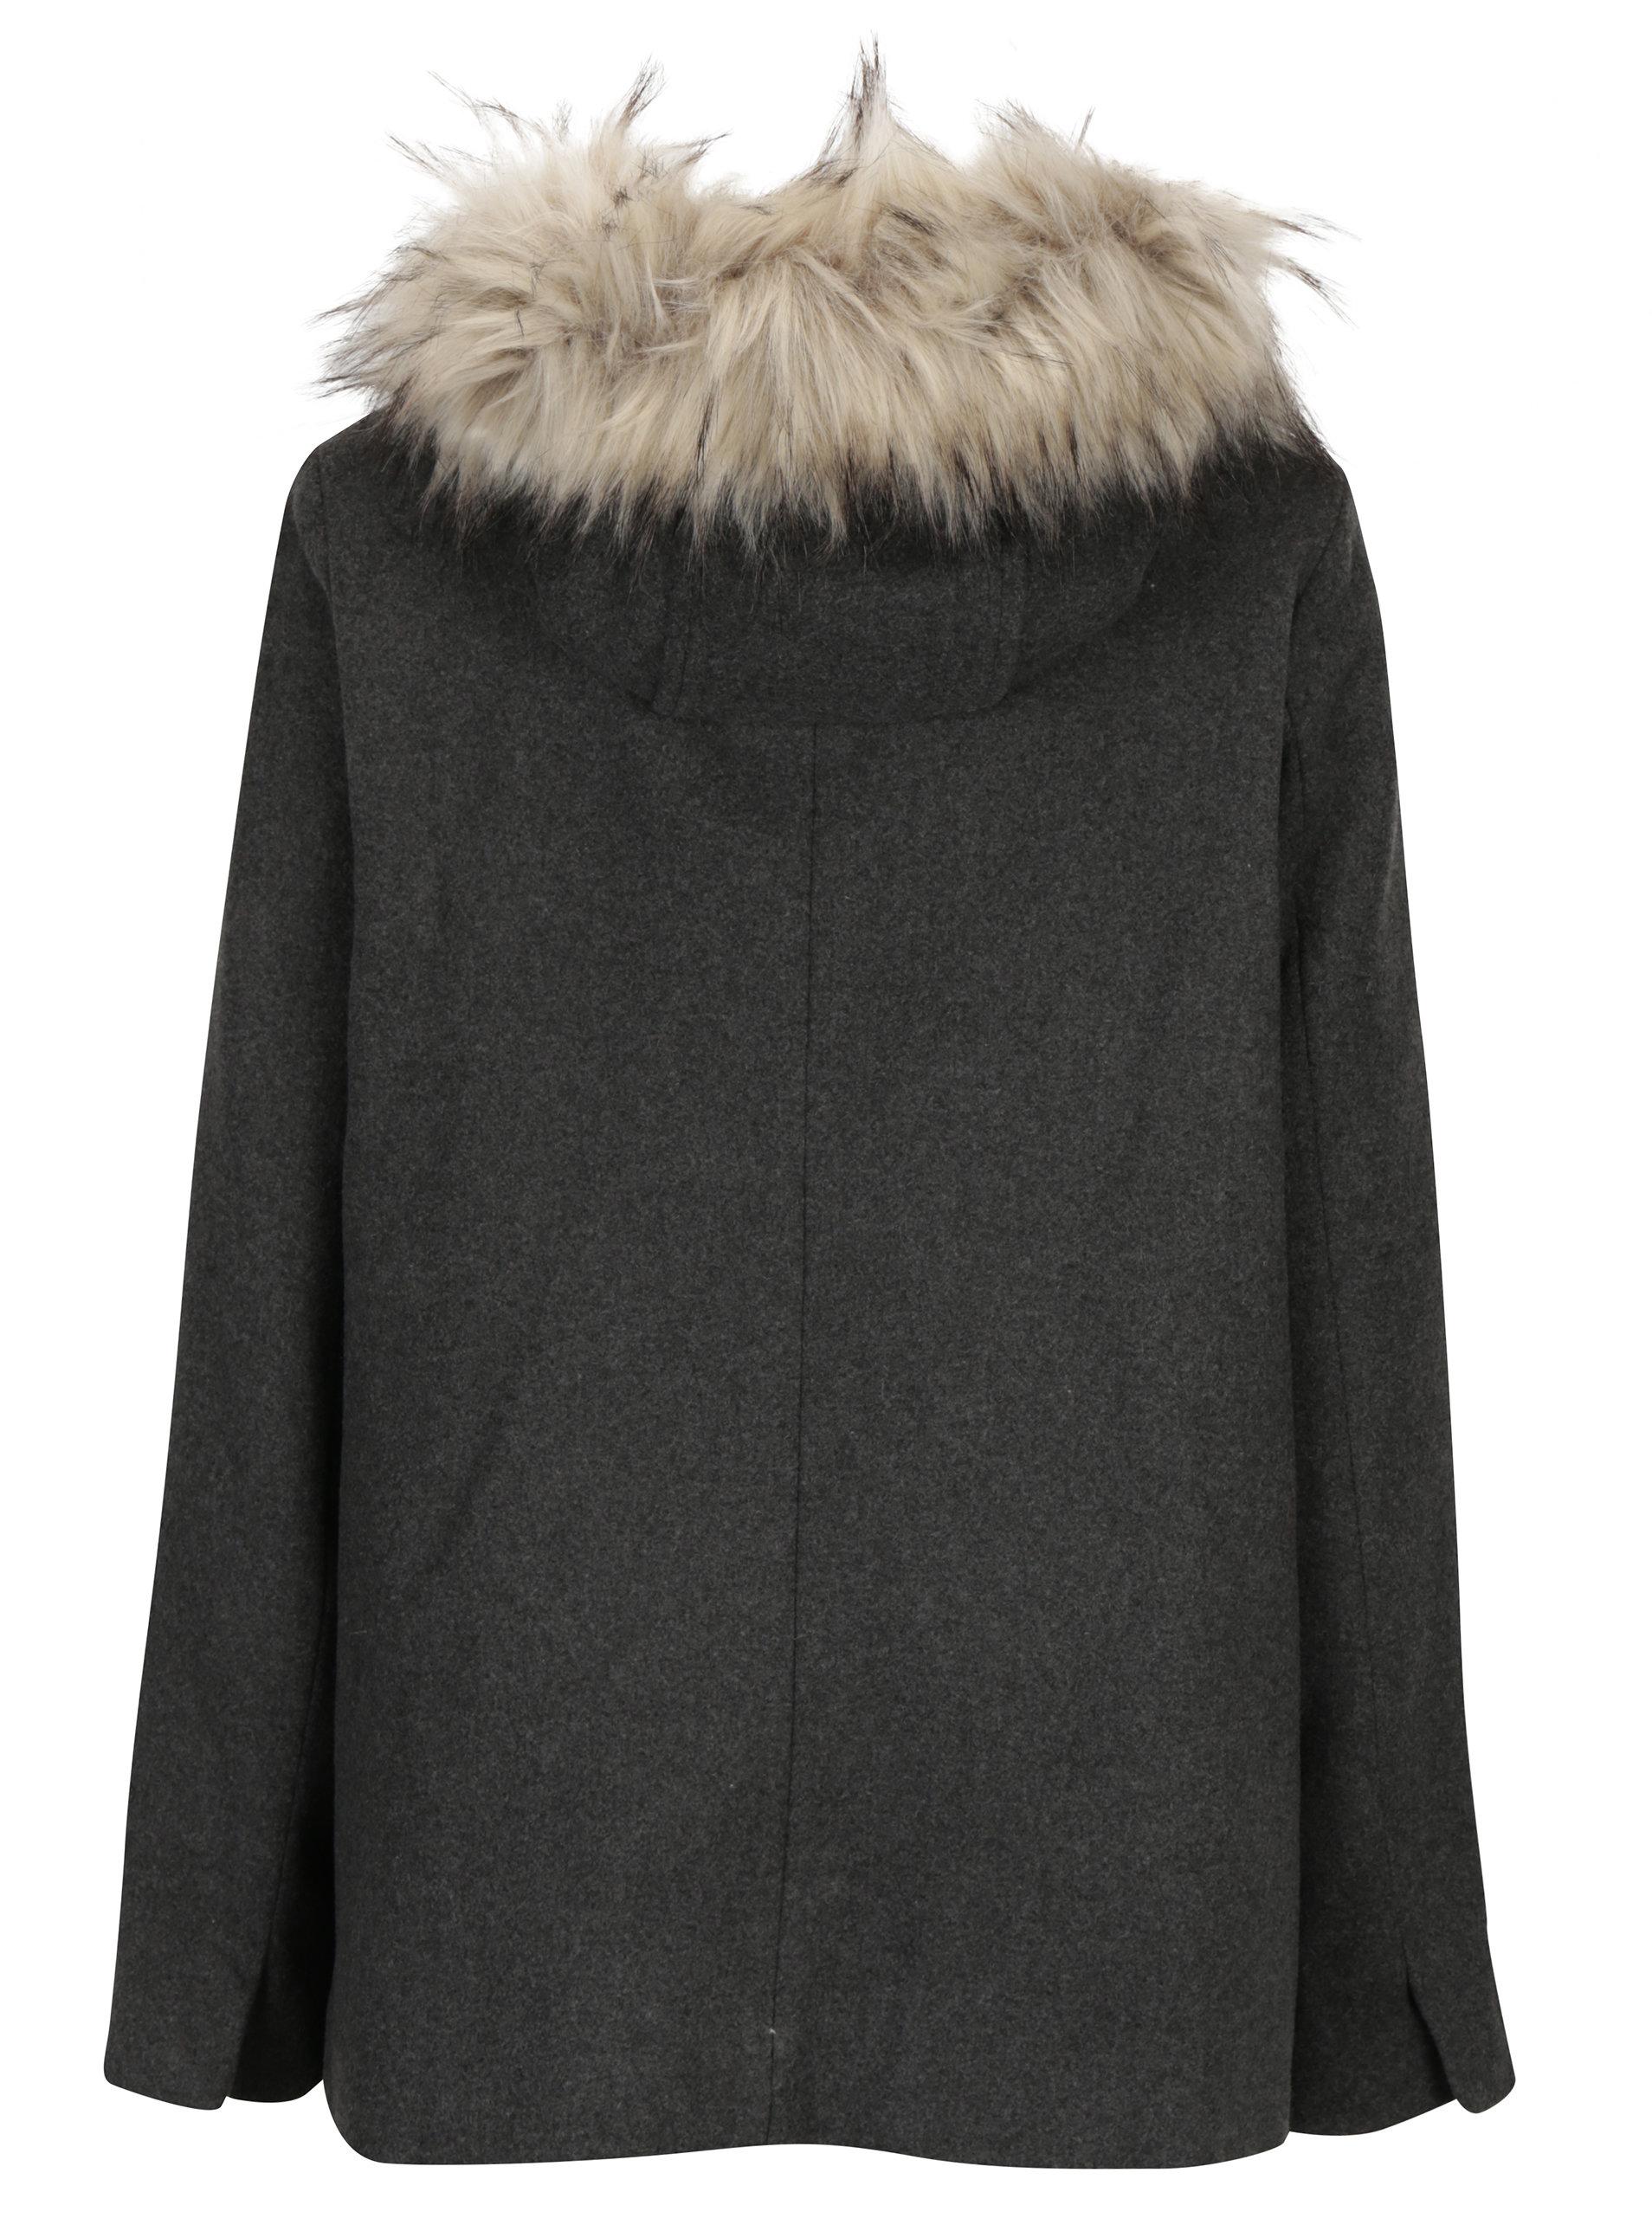 Tmavosivý dámsky krátky kabát s prímesou vlny Broadway Noomie ... c5f4545f73a